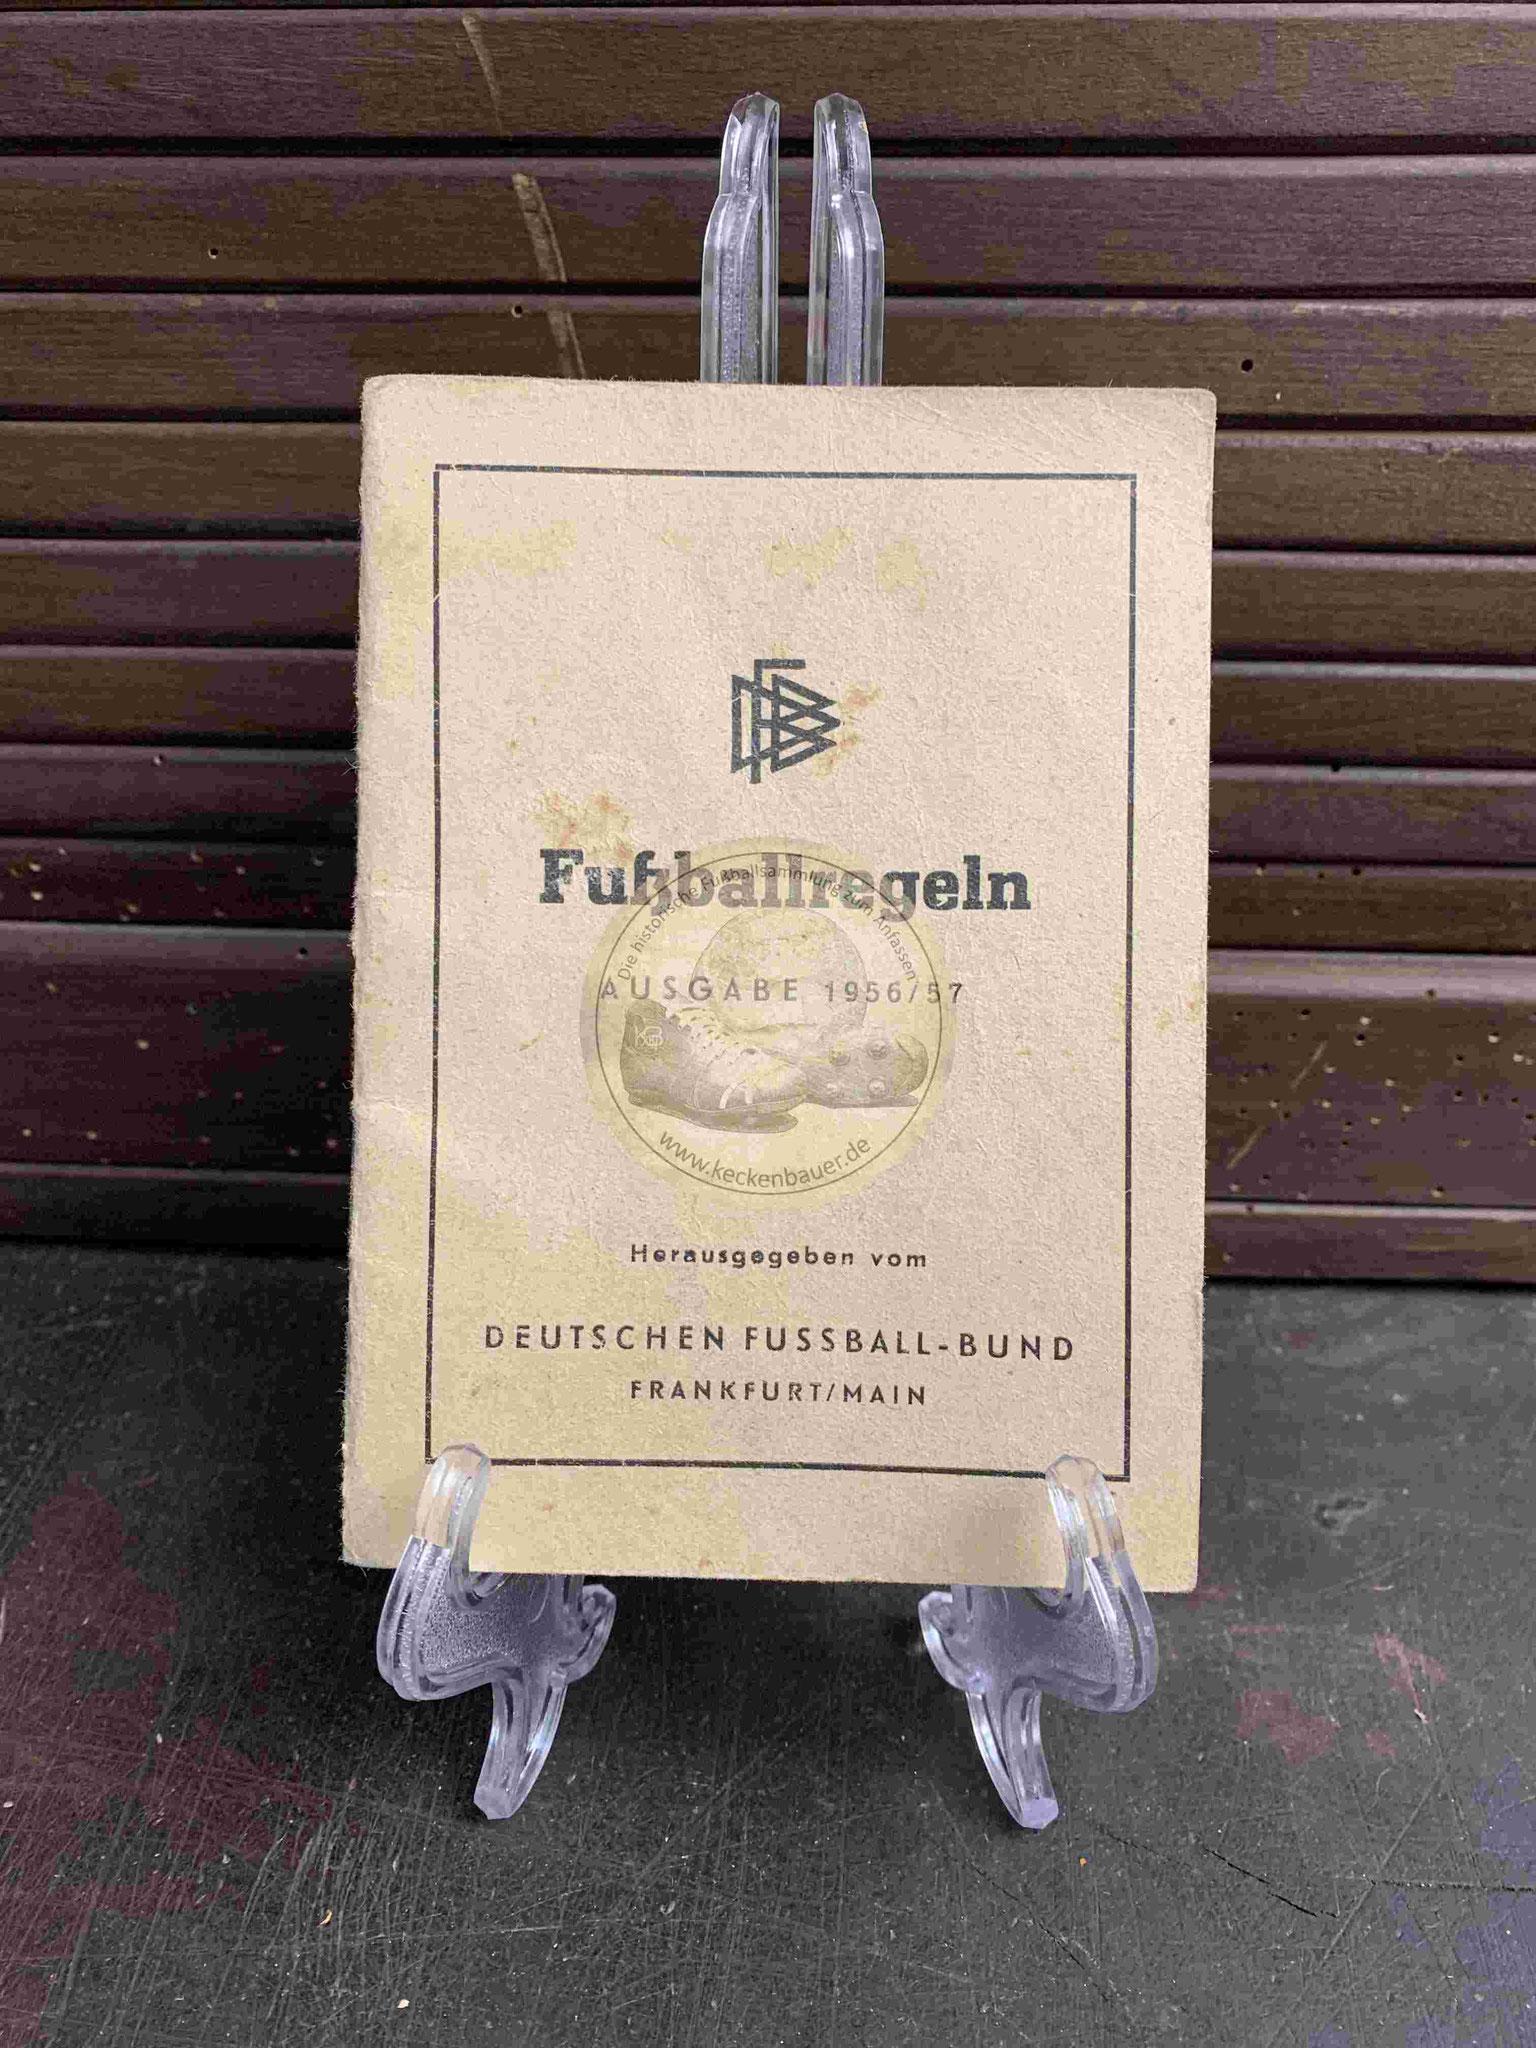 Fussballregeln des DFB aus dem Jahr 1956/57